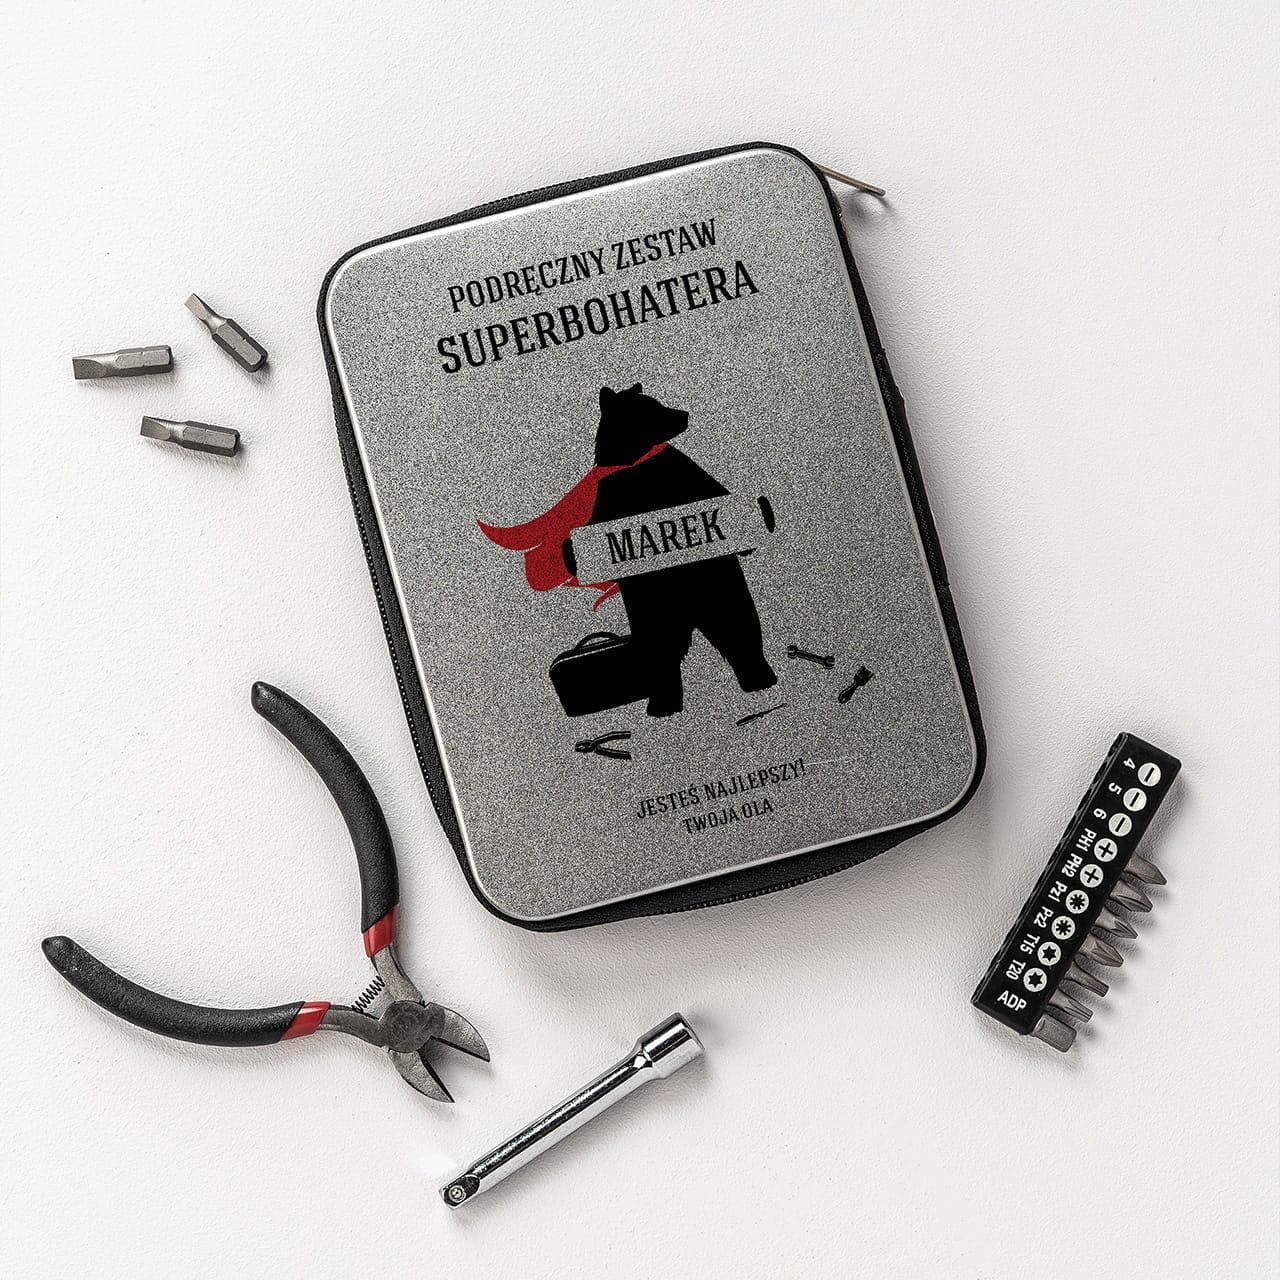 Zestaw narzędzi precyzyjnych to przydatny prezent dla chłopaka